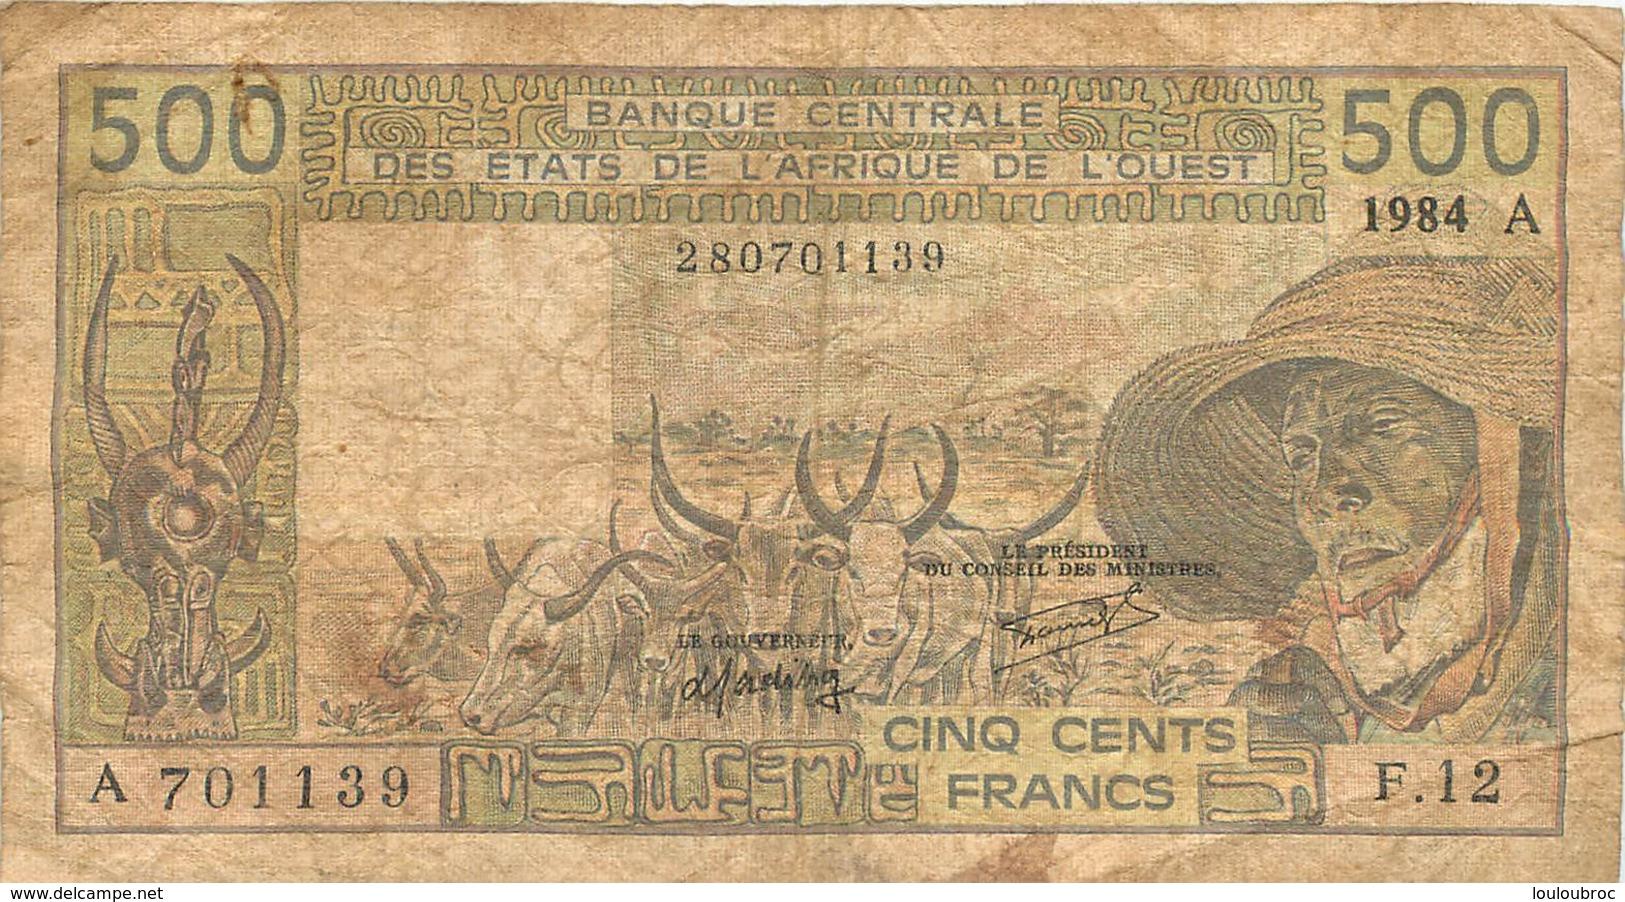 BILLET BANQUE CENTRALE DES ETATS DE L'AFRIQUE DE L'OUEST 500 FRANCS - West African States